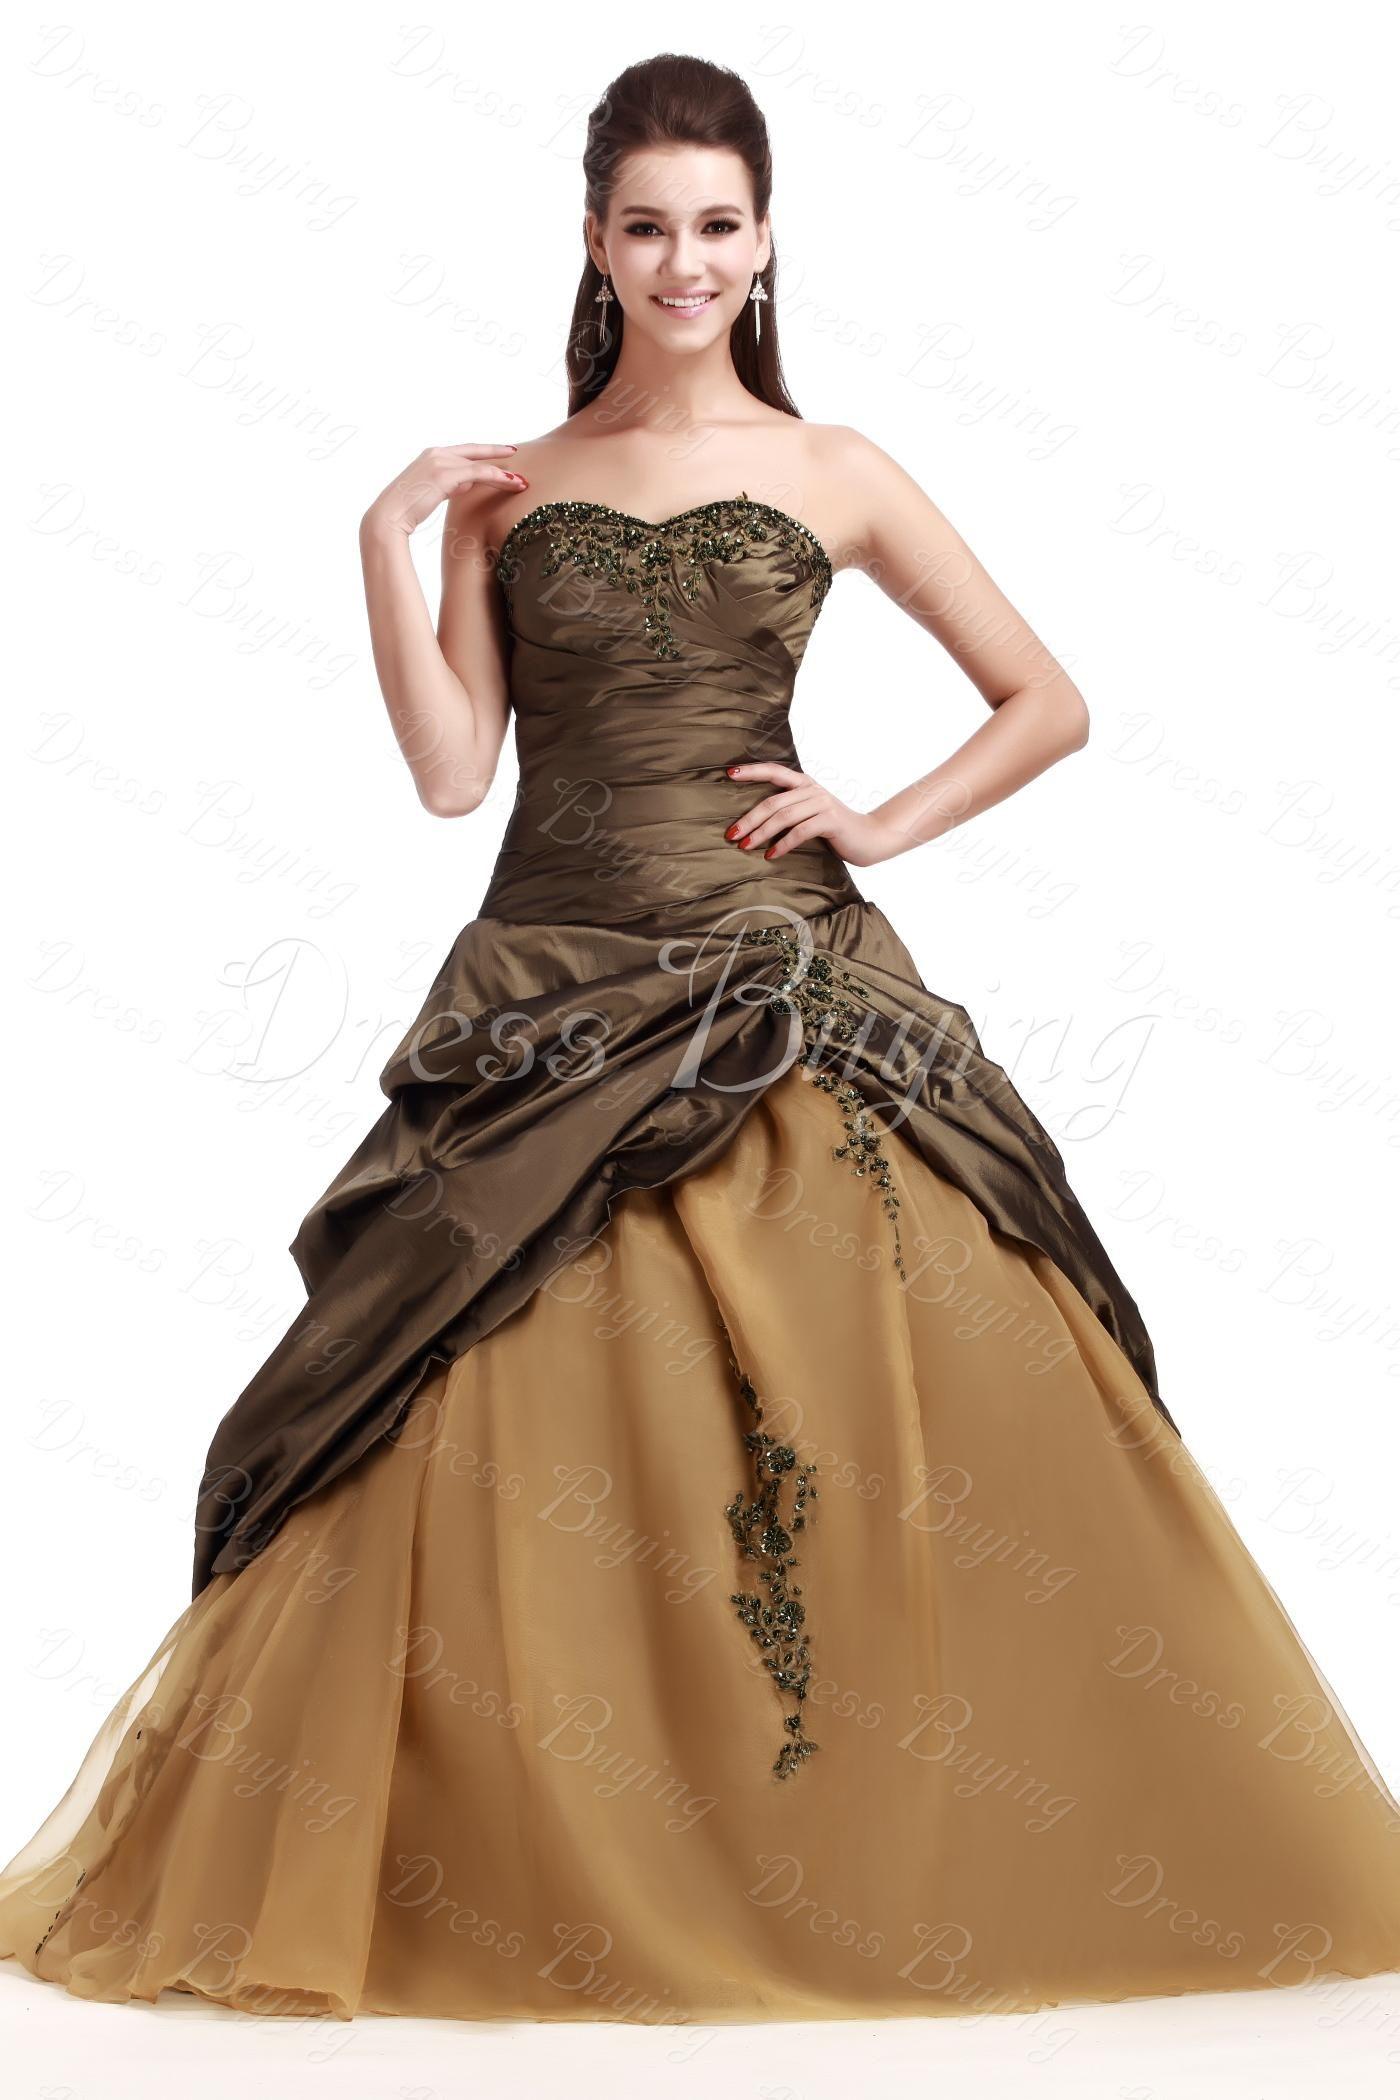 Ziemlich Zebra Brautkleider Zeitgenössisch - Hochzeit Kleid Stile ...